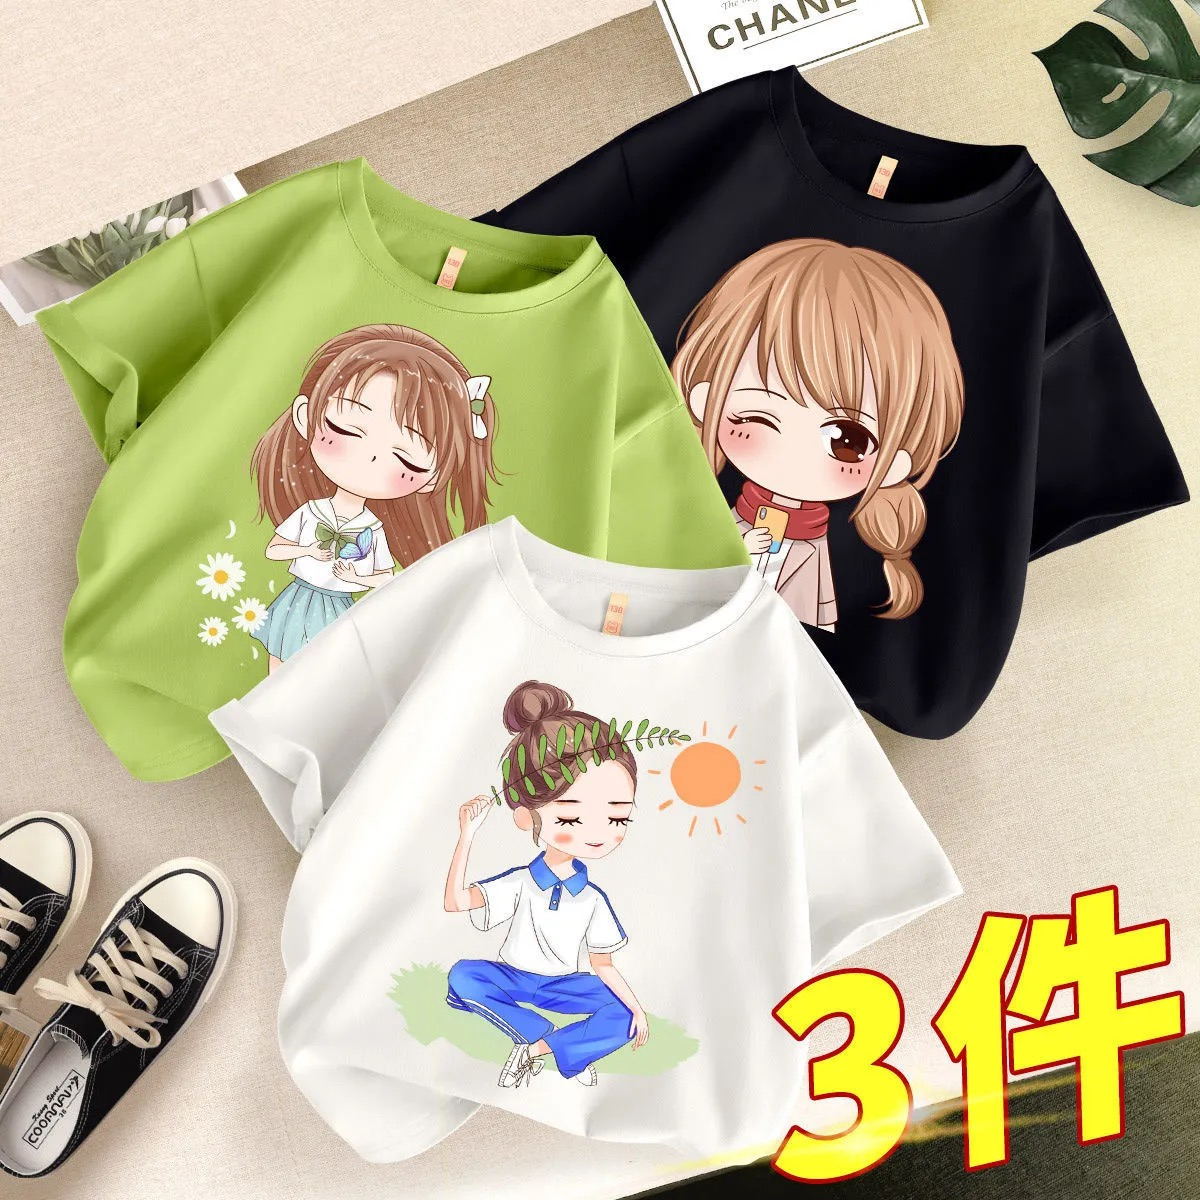 女童短袖t恤2021时髦中大童女孩夏装体恤衫儿童夏季童装上衣情侣